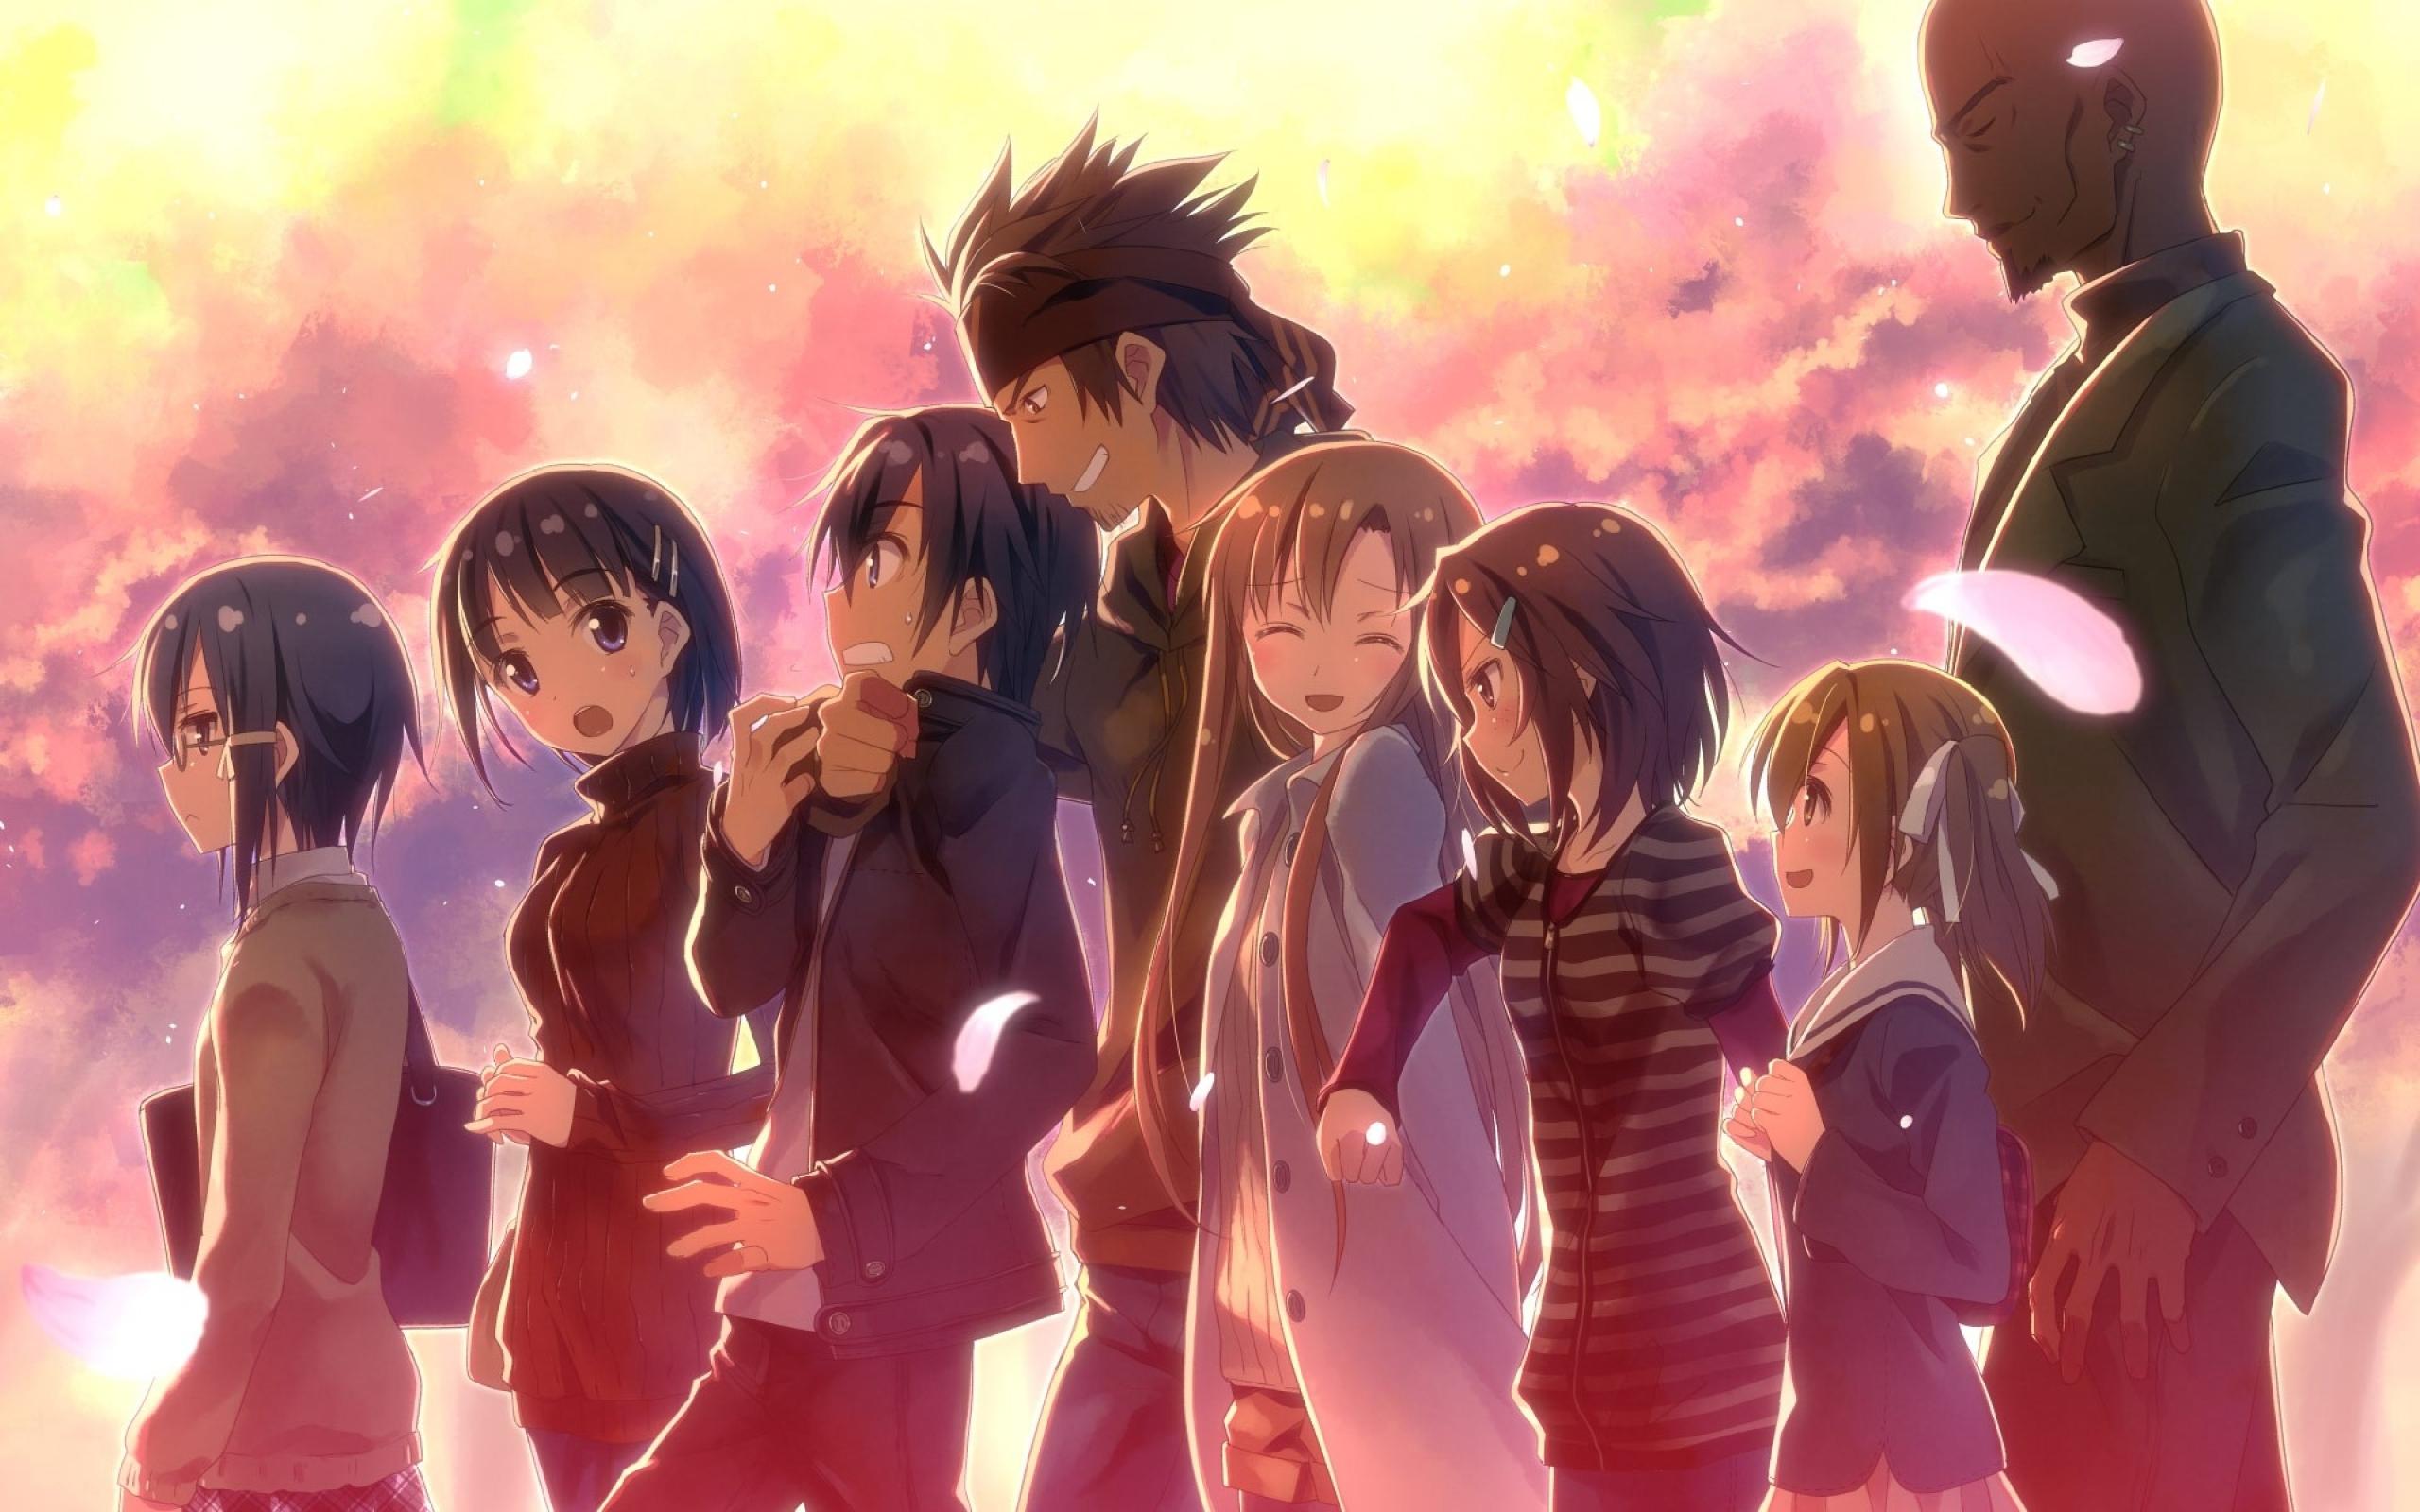 Asuna Yuuki images SAO wallpaper photos 35153750 2560x1600